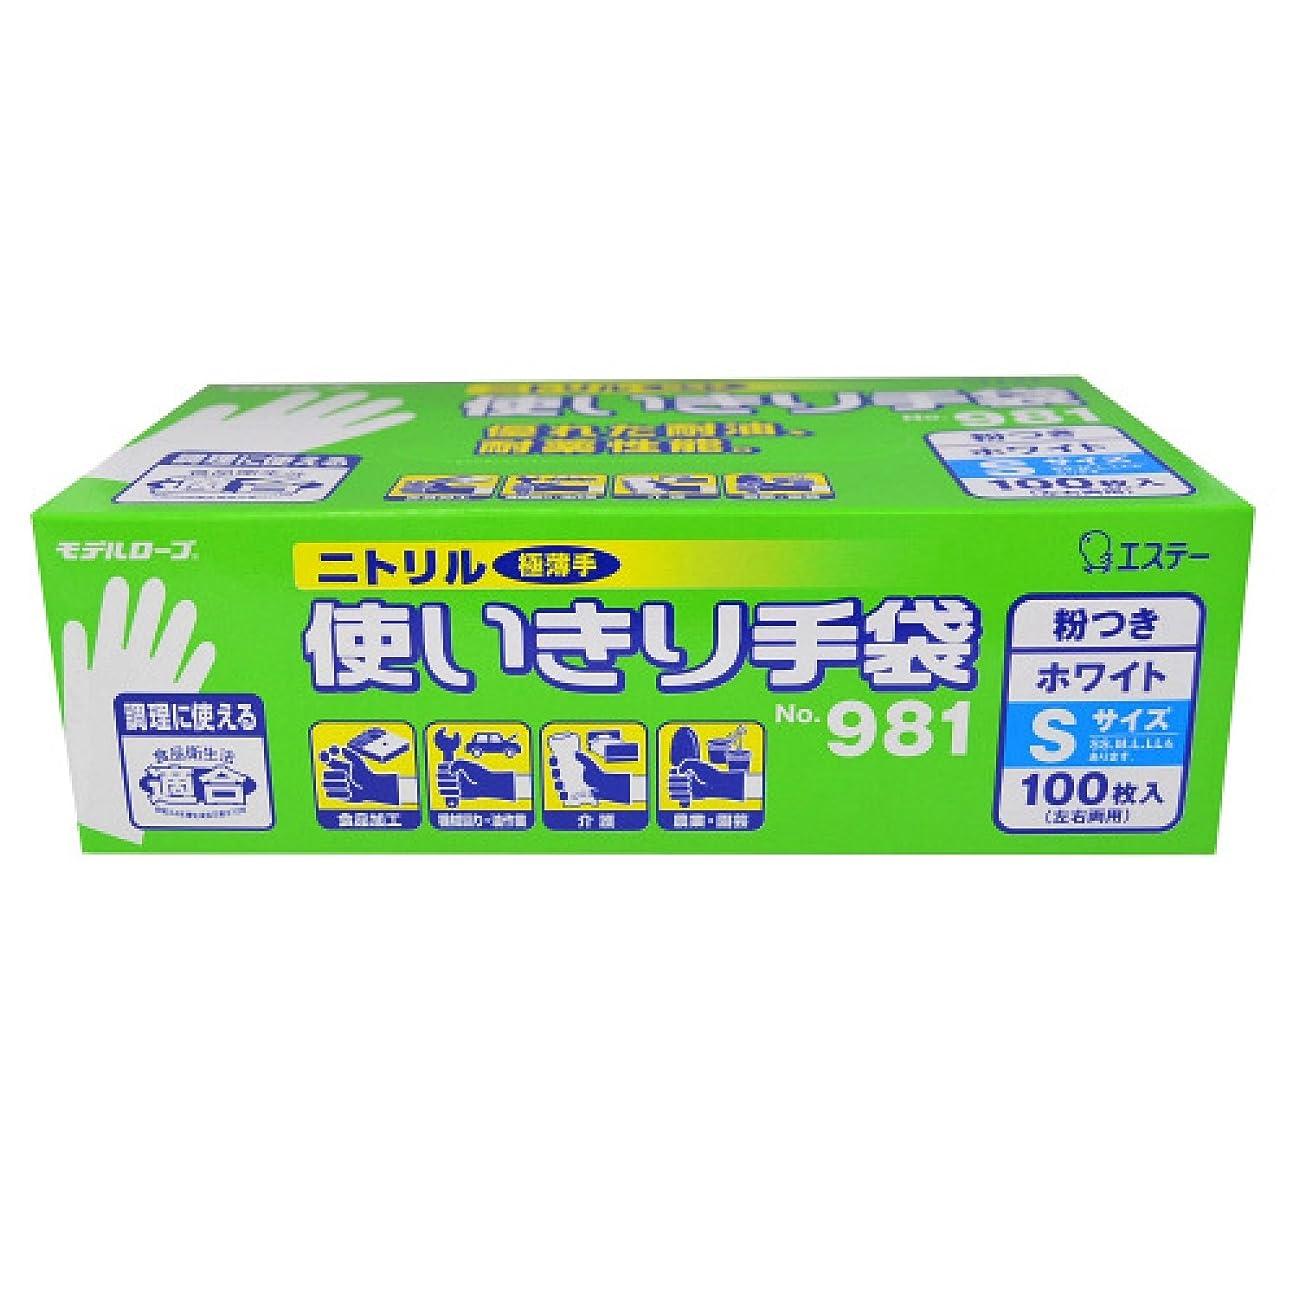 余暇留まるポークエステー/ニトリル使いきり手袋 箱入 (粉つき) [100枚入]/品番:981 サイズ:L カラー:ブルー